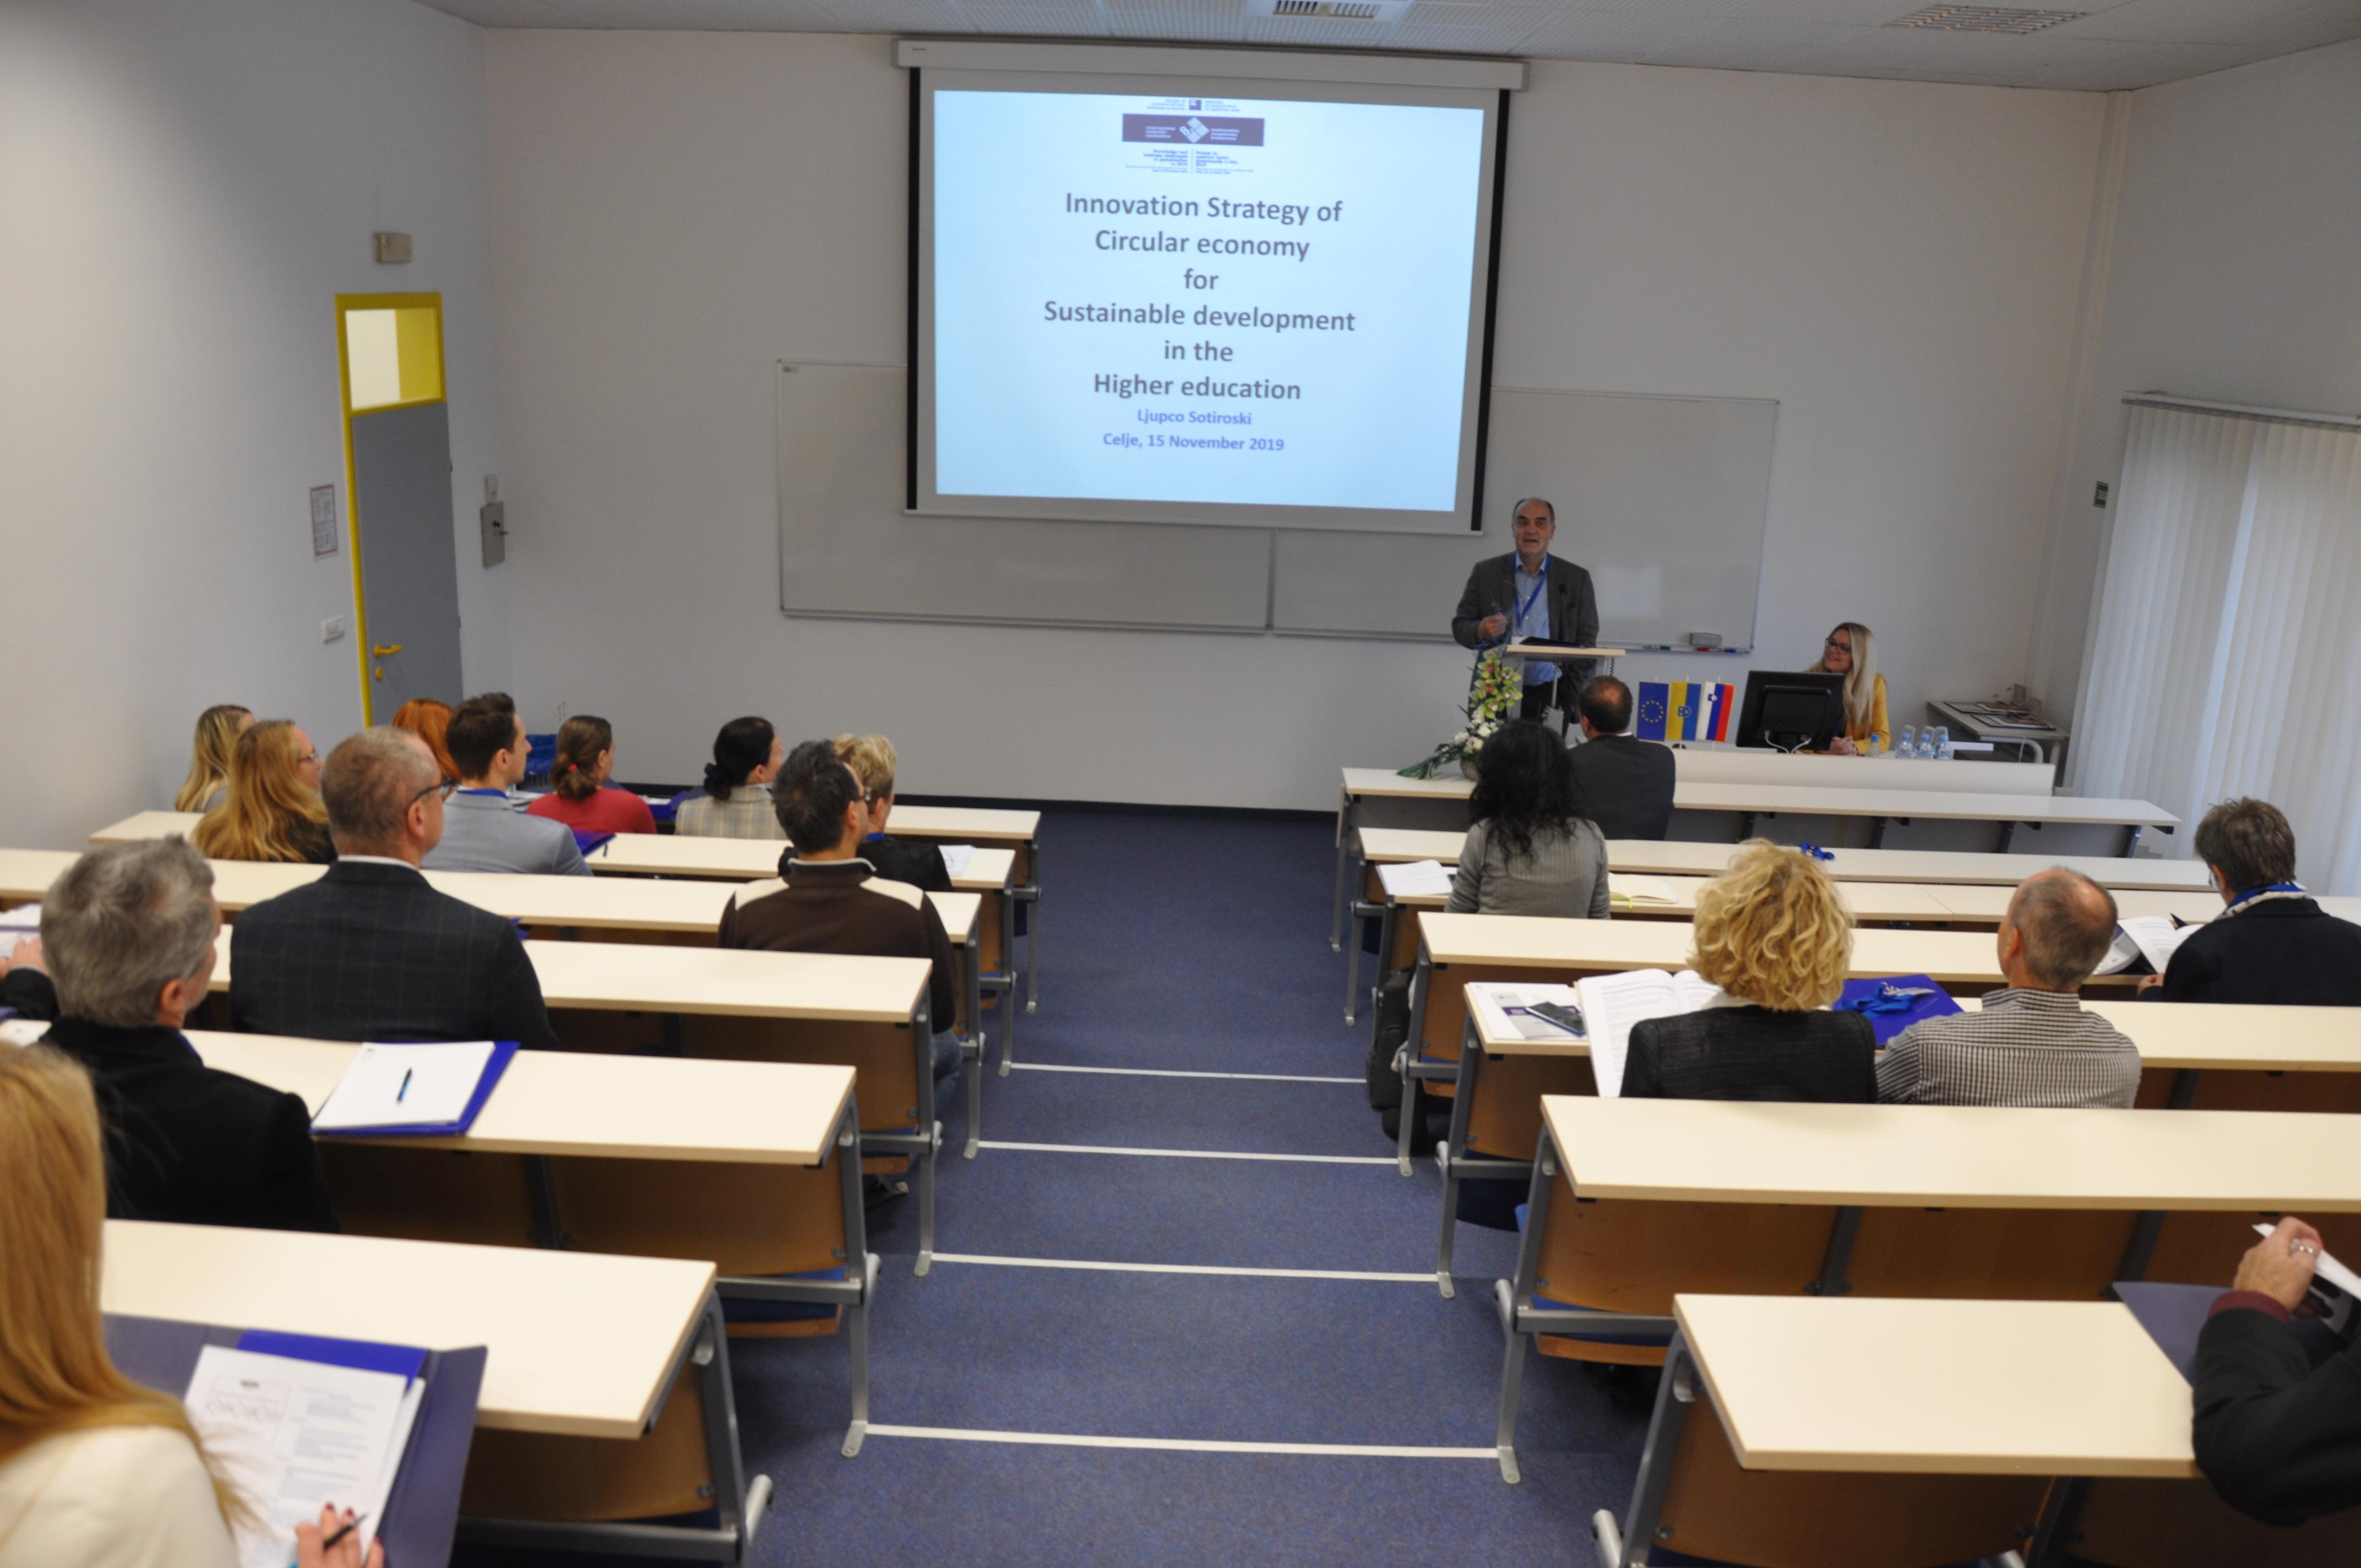 prof. dr. Ljupče Sotiroski s prispevkom Inovativne strategije krožnega gospodarstva za trajnostni razvoj visokošolskega izobraževanja